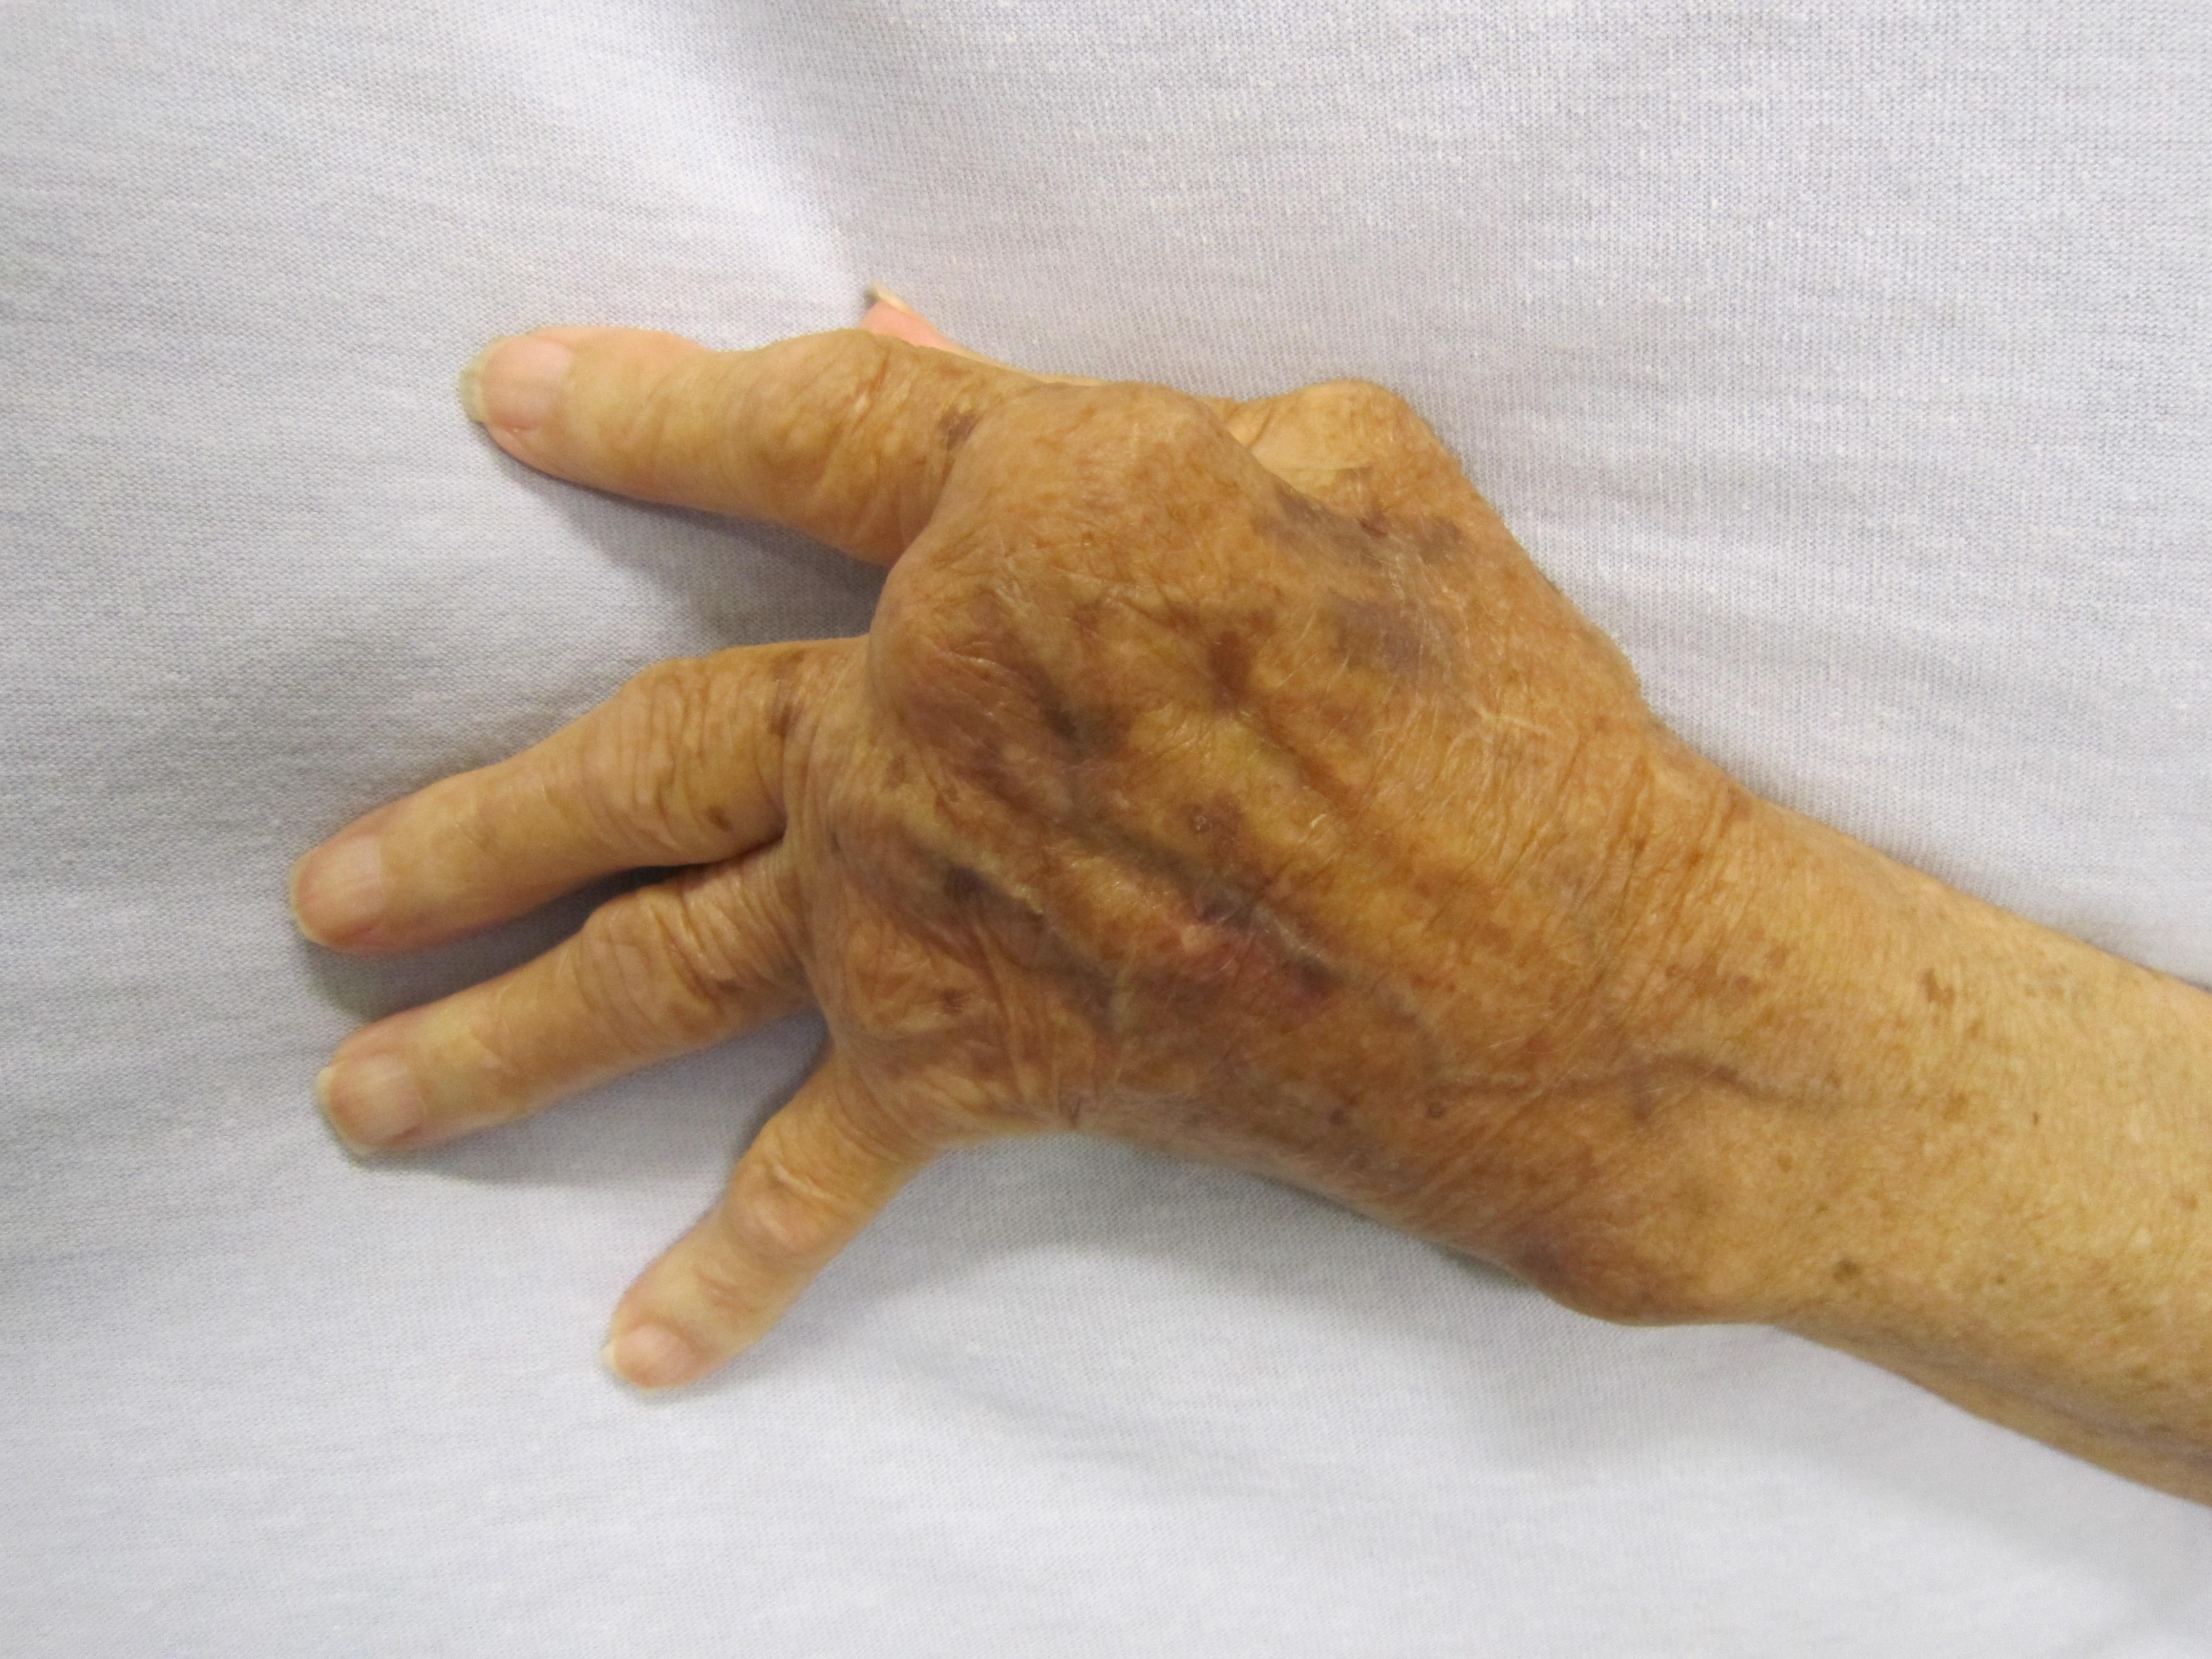 rheumatoid csomó)